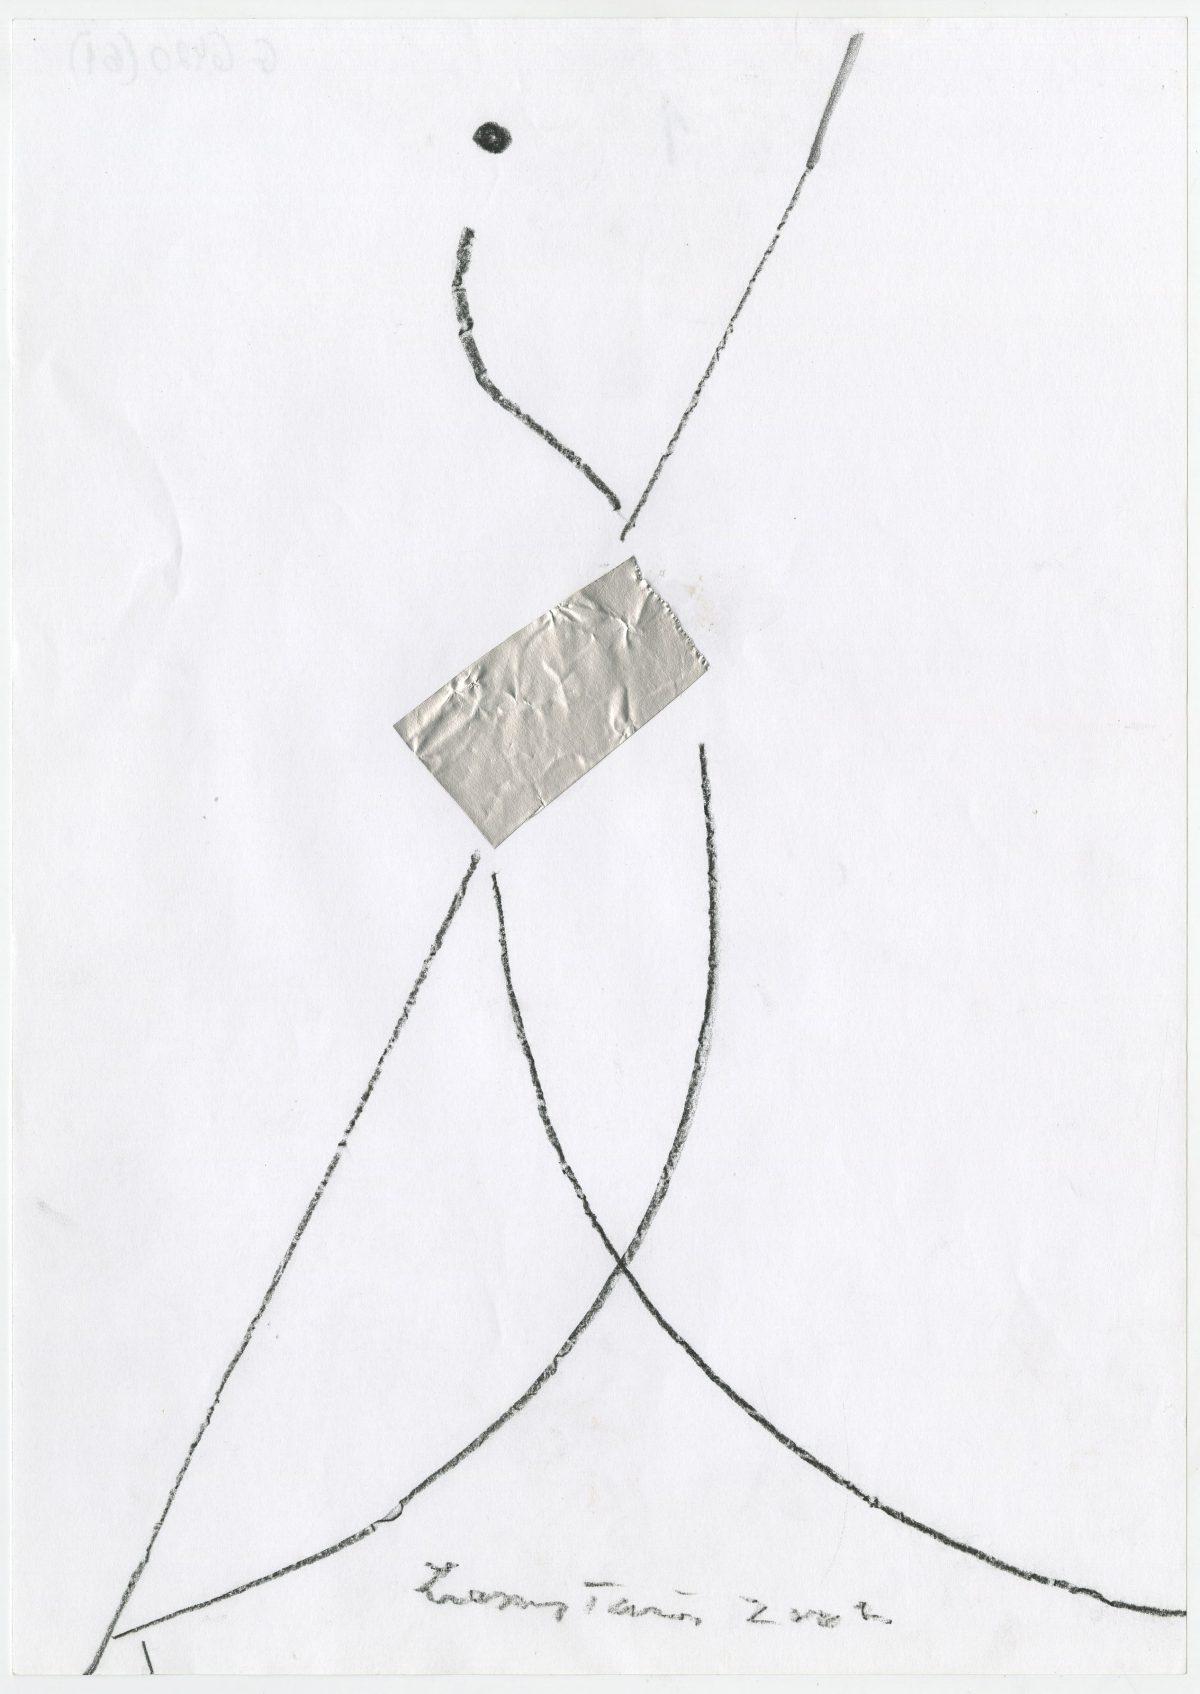 G06420(61)<br/> <b>Cím:</b> Tisztaságra vágyik az ember <br/> <b>Méret cm:</b> 29,6X21 <br/> <b>Készült:</b> 2002. <br/> <b>Technika:</b> ceruza<br/>